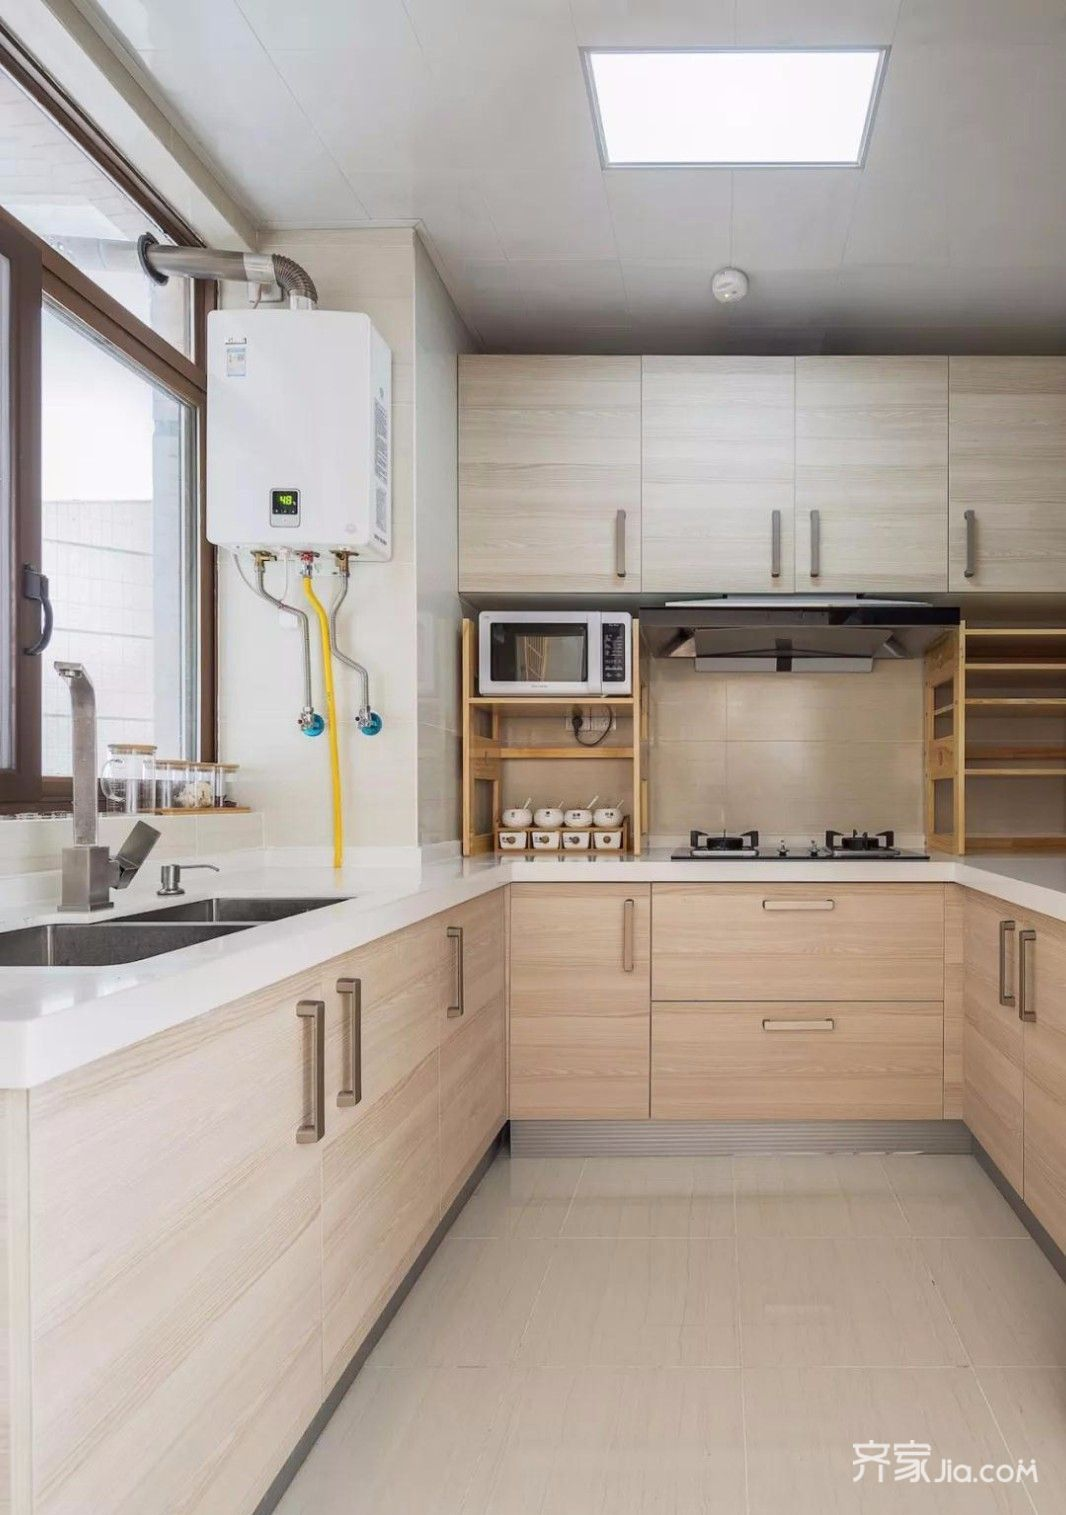 木质地板效果图_11.8万100平米现代三房装修效果图,木色系清爽简约装修案例效果图 ...